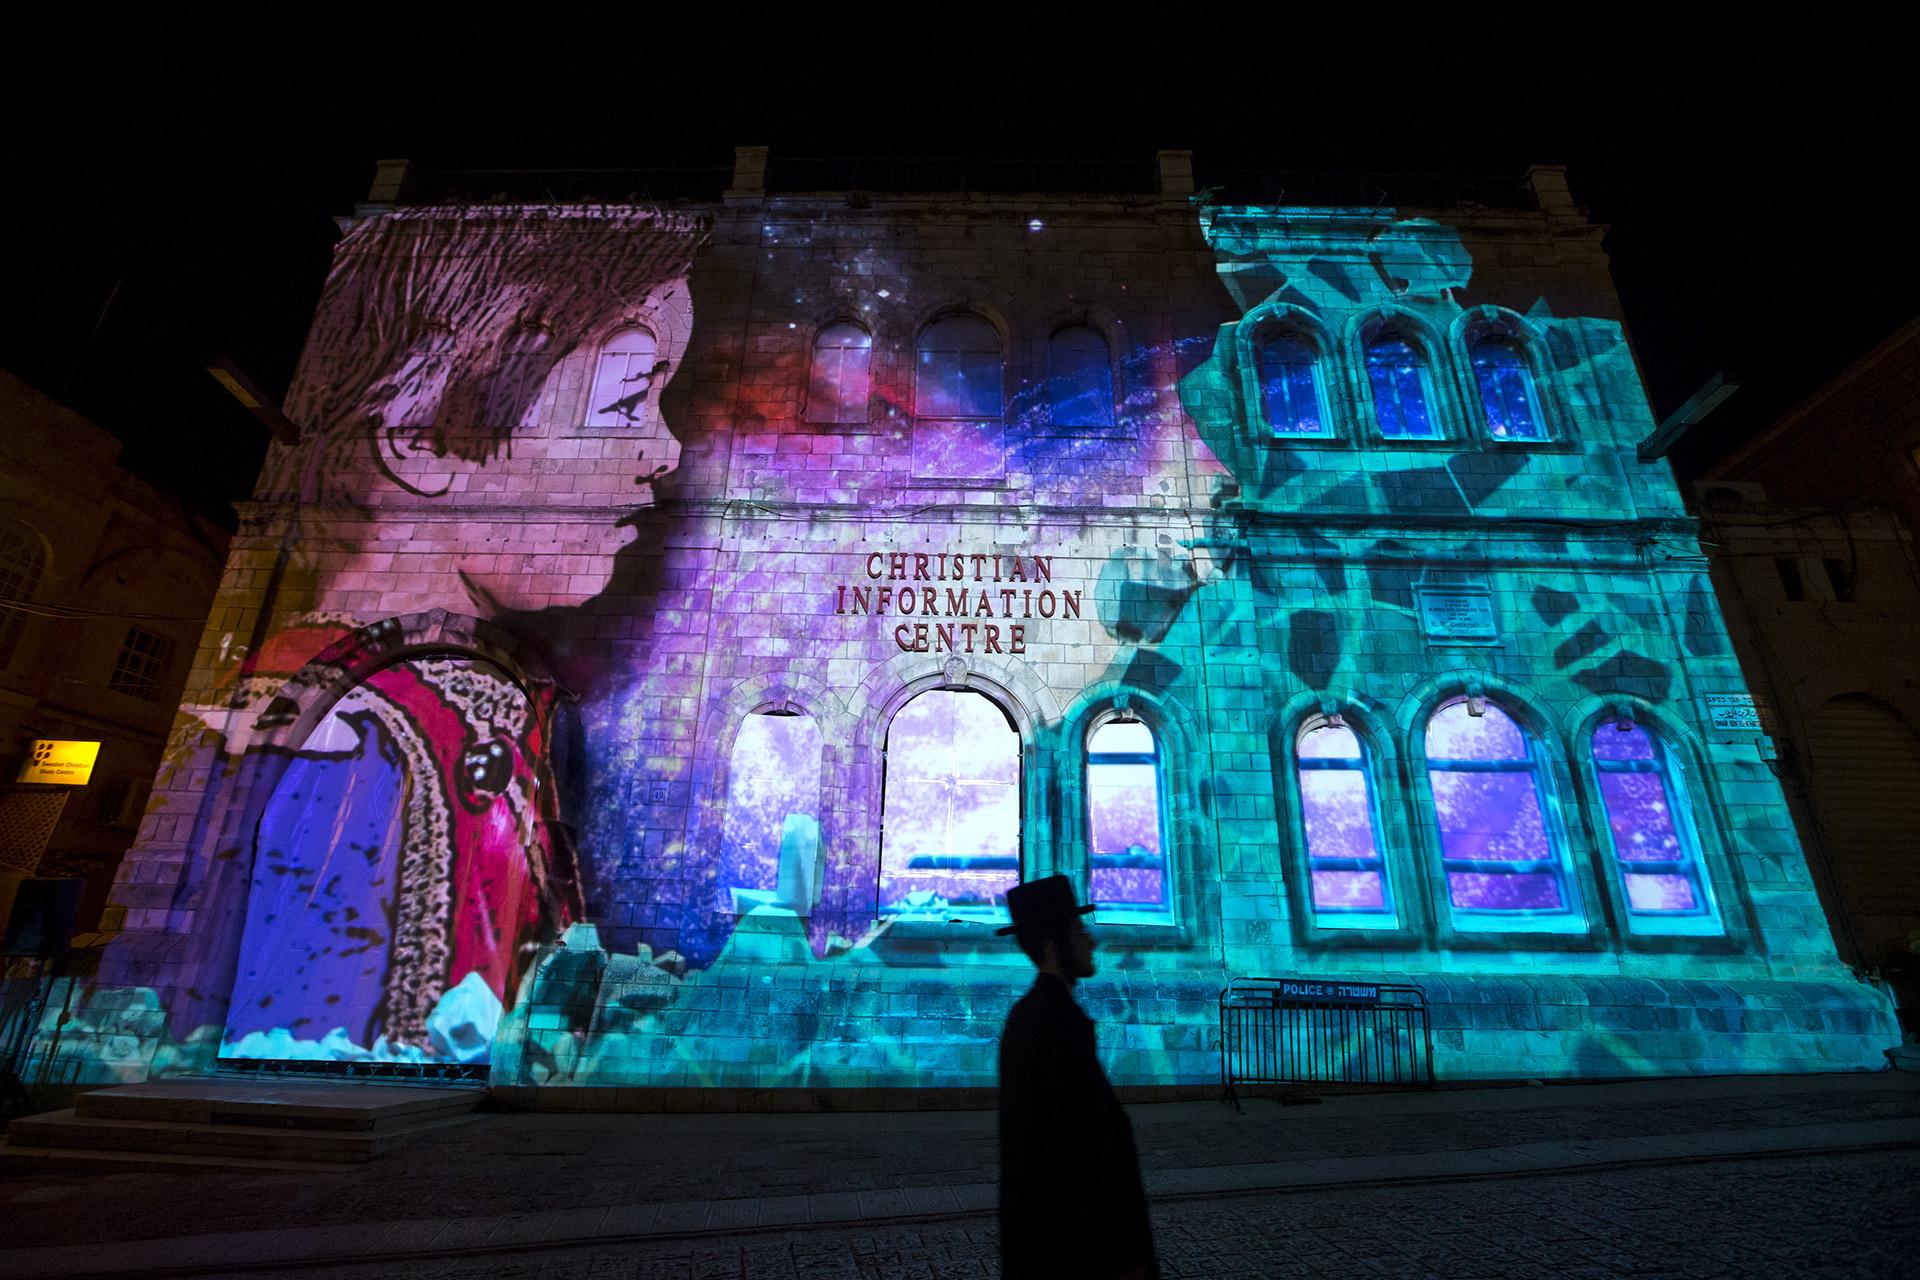 Световая проекция «Принц огней» на фасаде Христианского информационного центра в Иерусалиме. Израиль, 25 мая 2016 года. EPA / JIM HOLLANDER